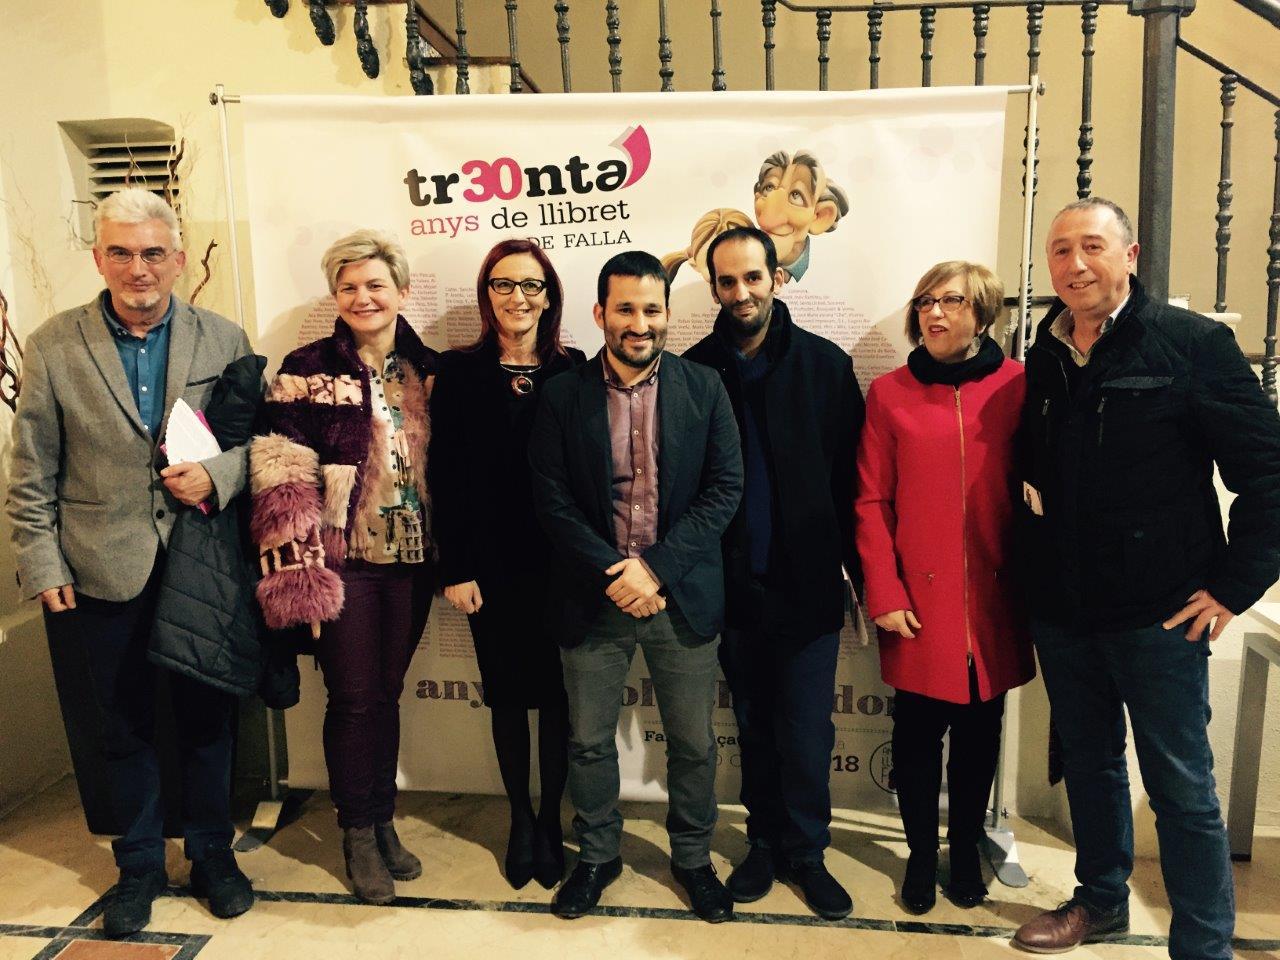 Al llibret, realitzat per la Falla Plaça Malva d'Alzira, també ha col.laborat la vicepresidenta de la Diputació de València.